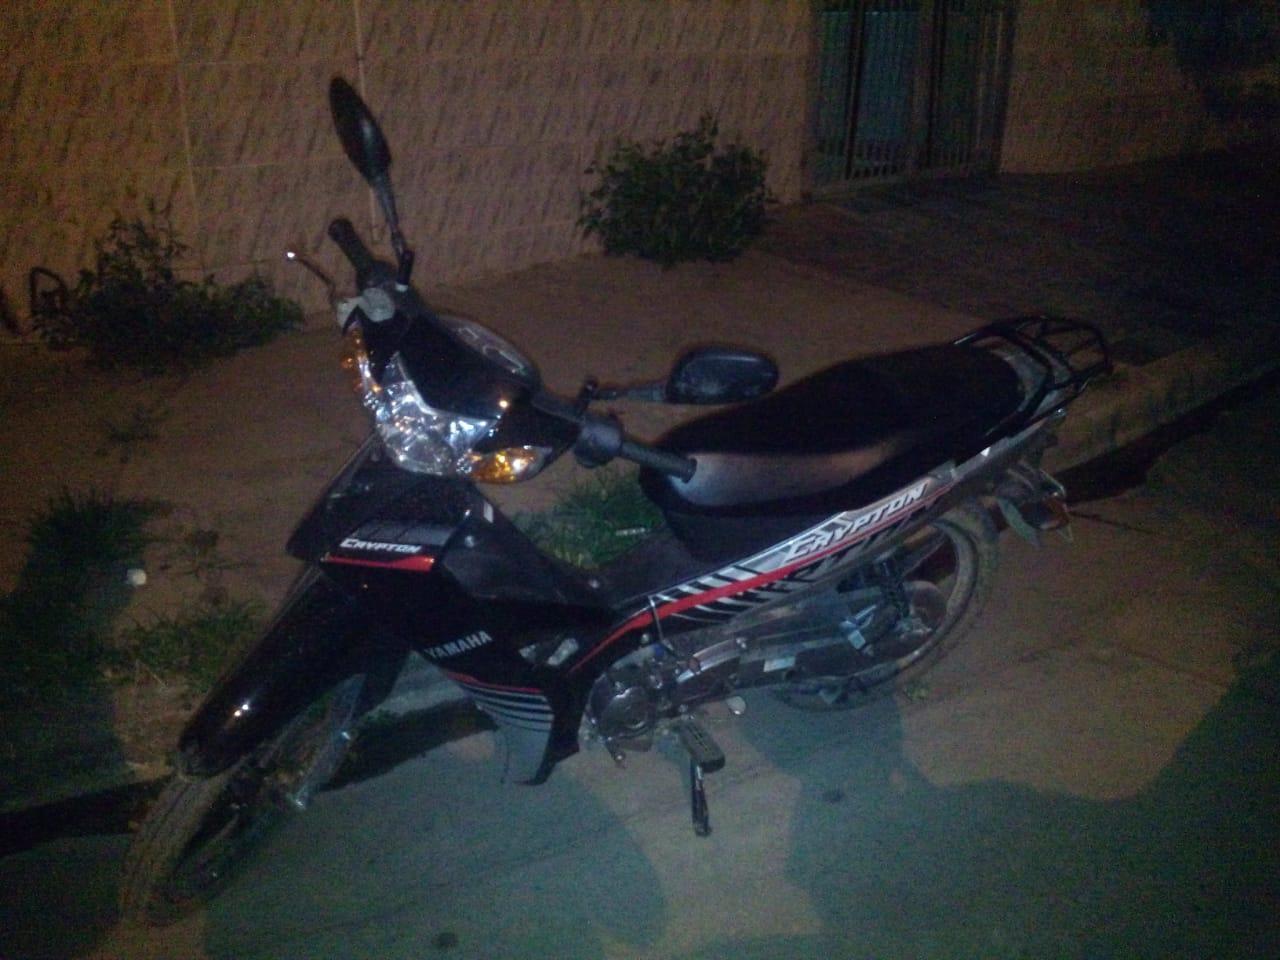 Arrestado y se recuperó moto con pedido de secuestro en zona sur